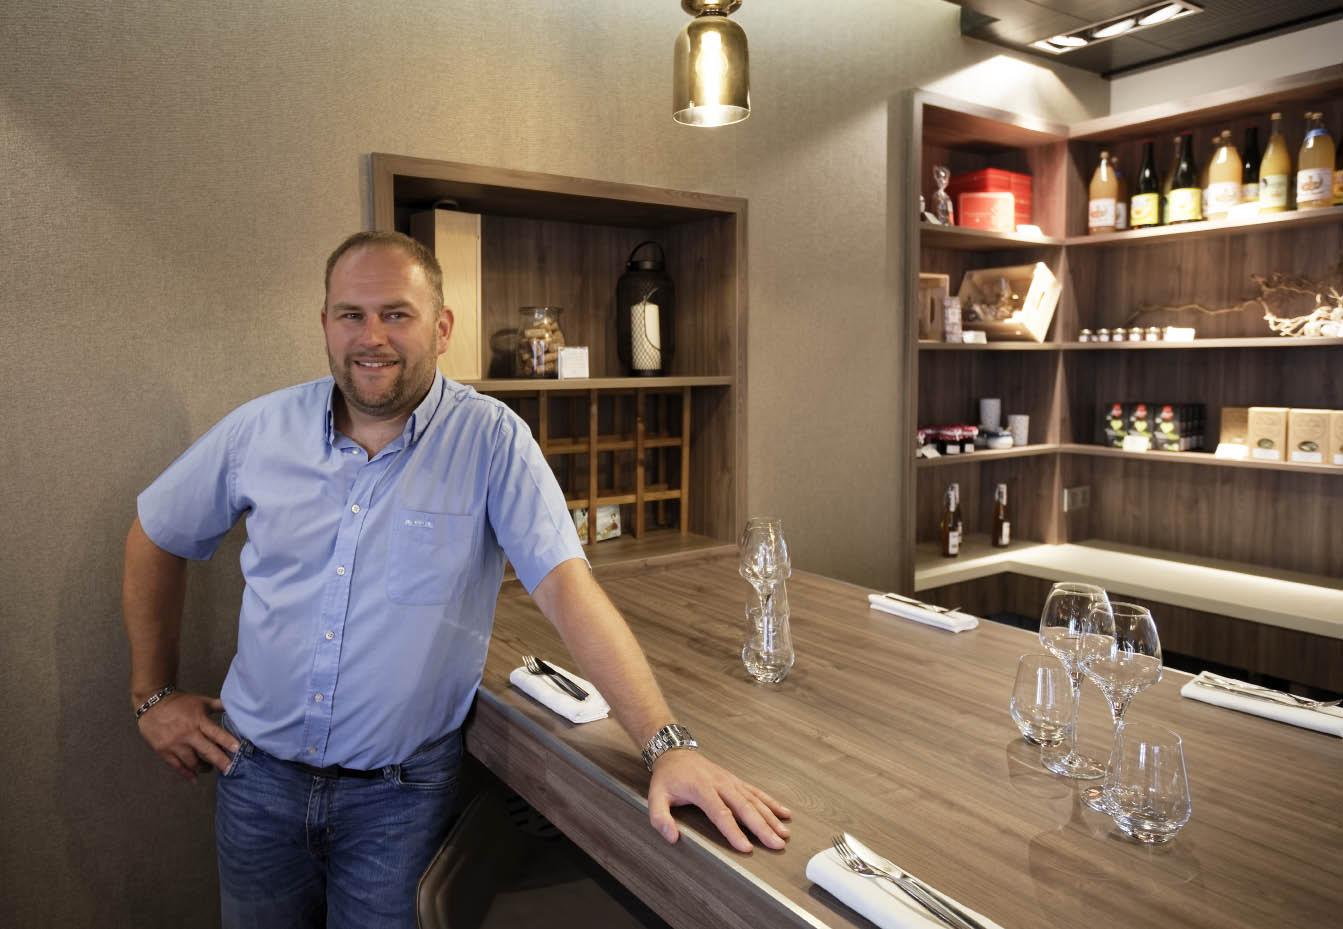 b nisterie reinhardt profession agenceur. Black Bedroom Furniture Sets. Home Design Ideas